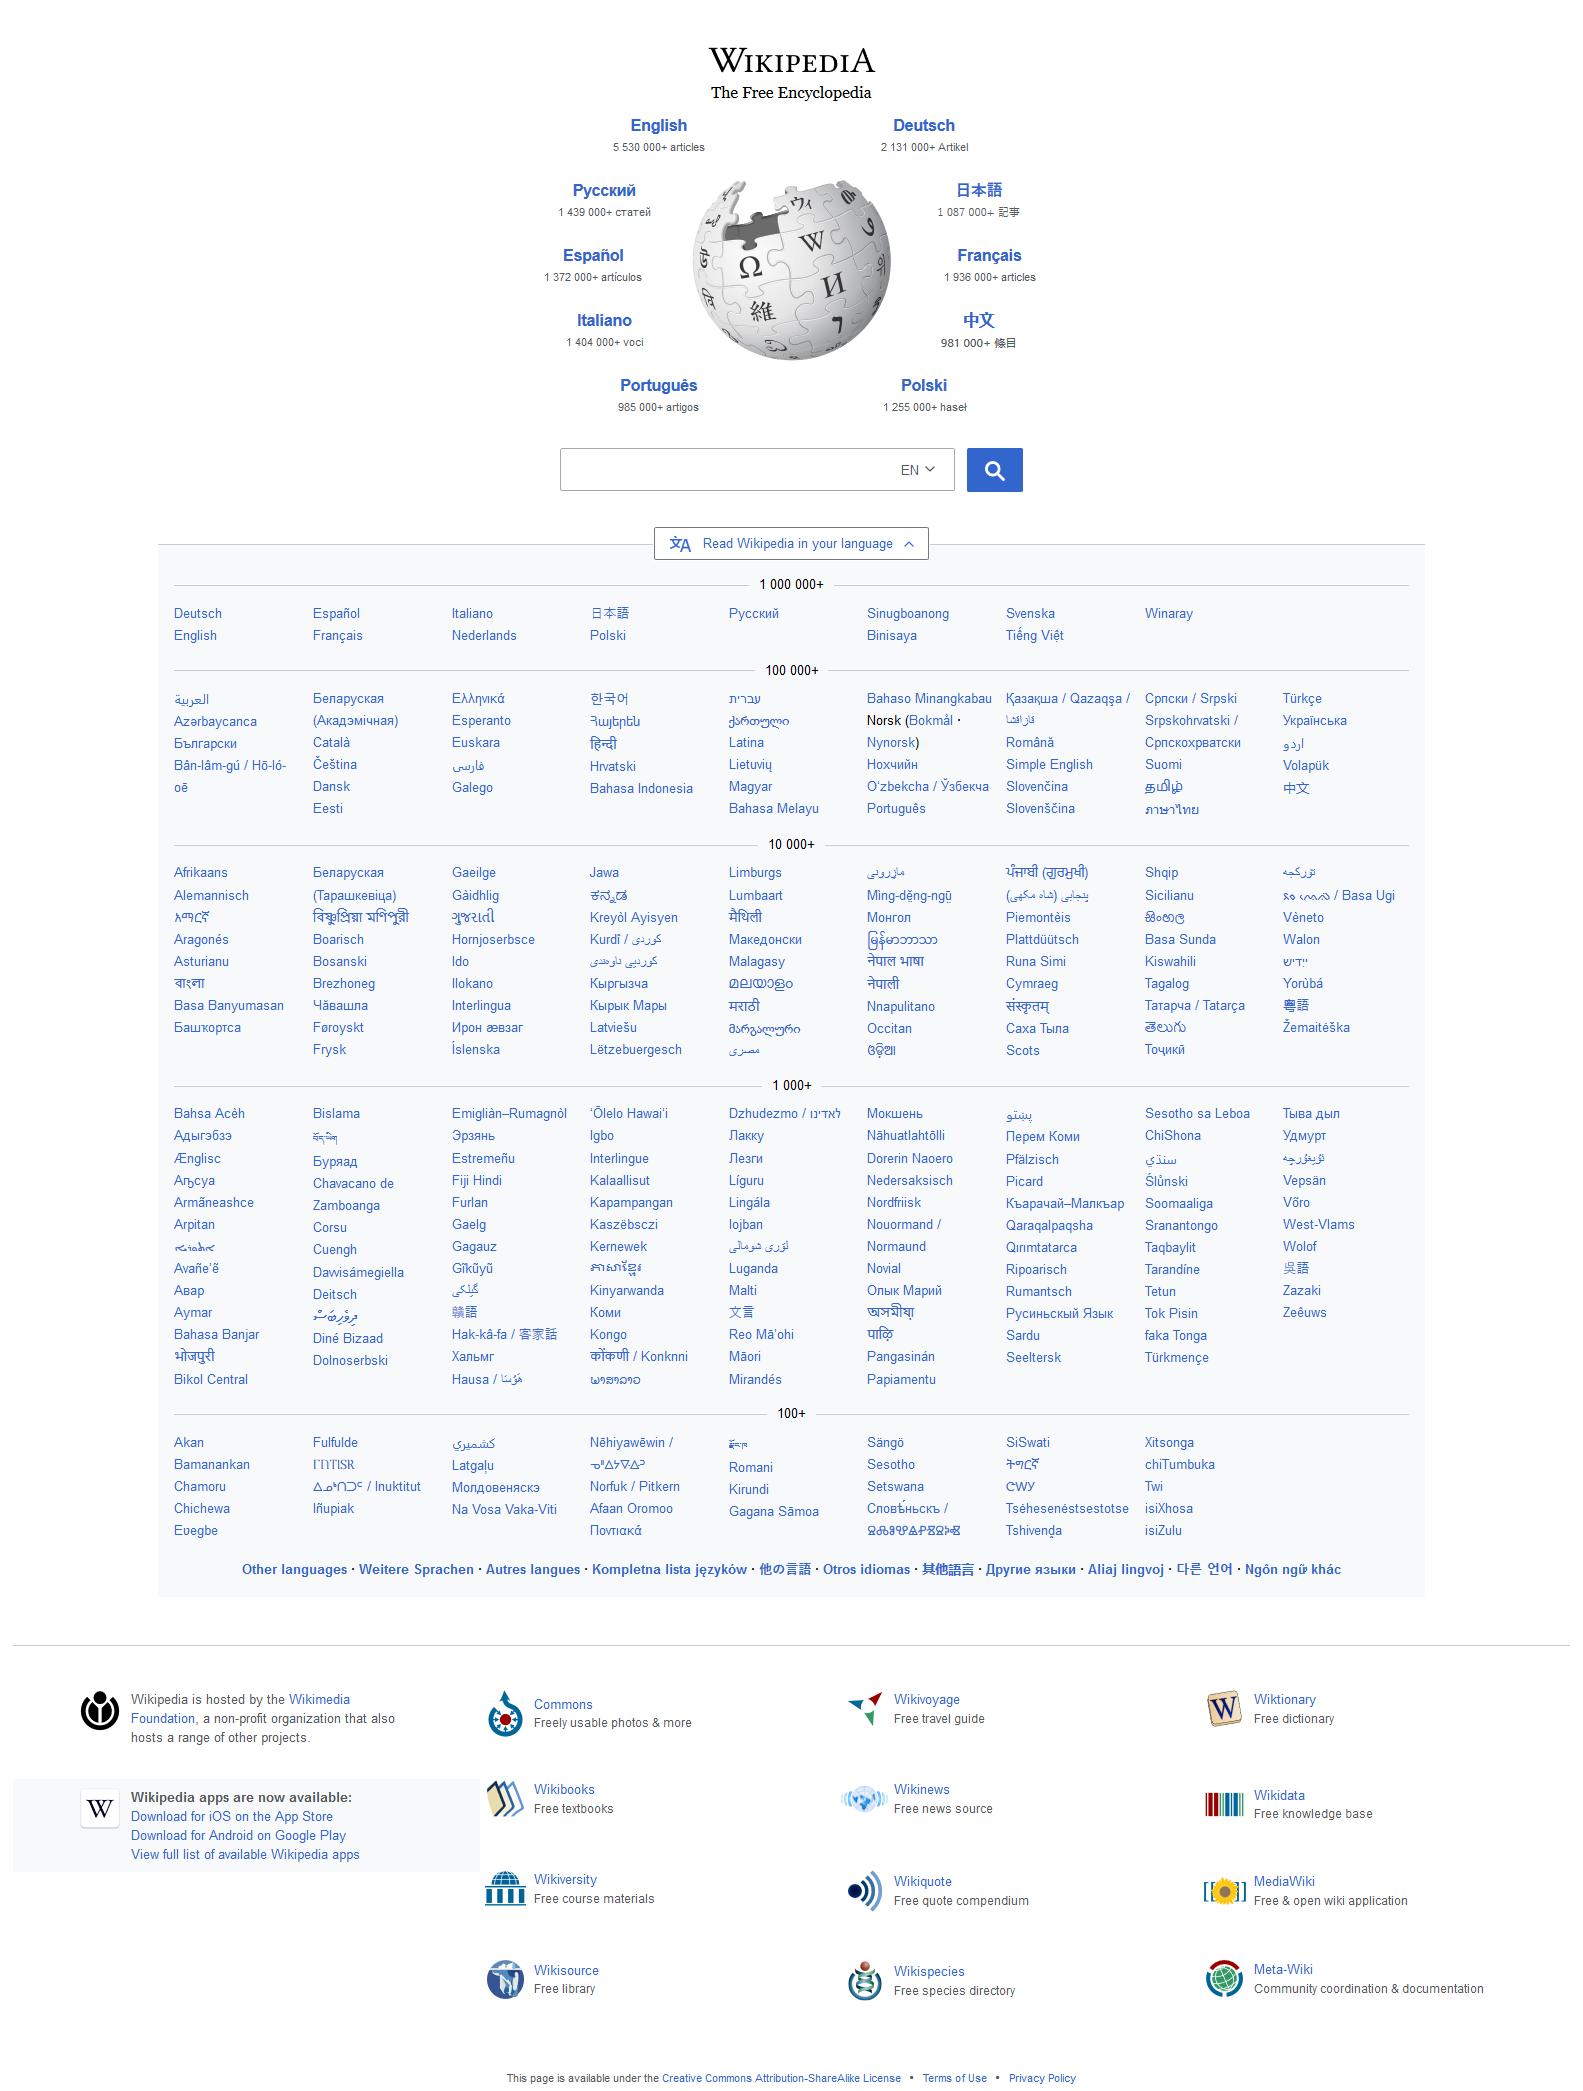 Семантическая сеть - semantic web